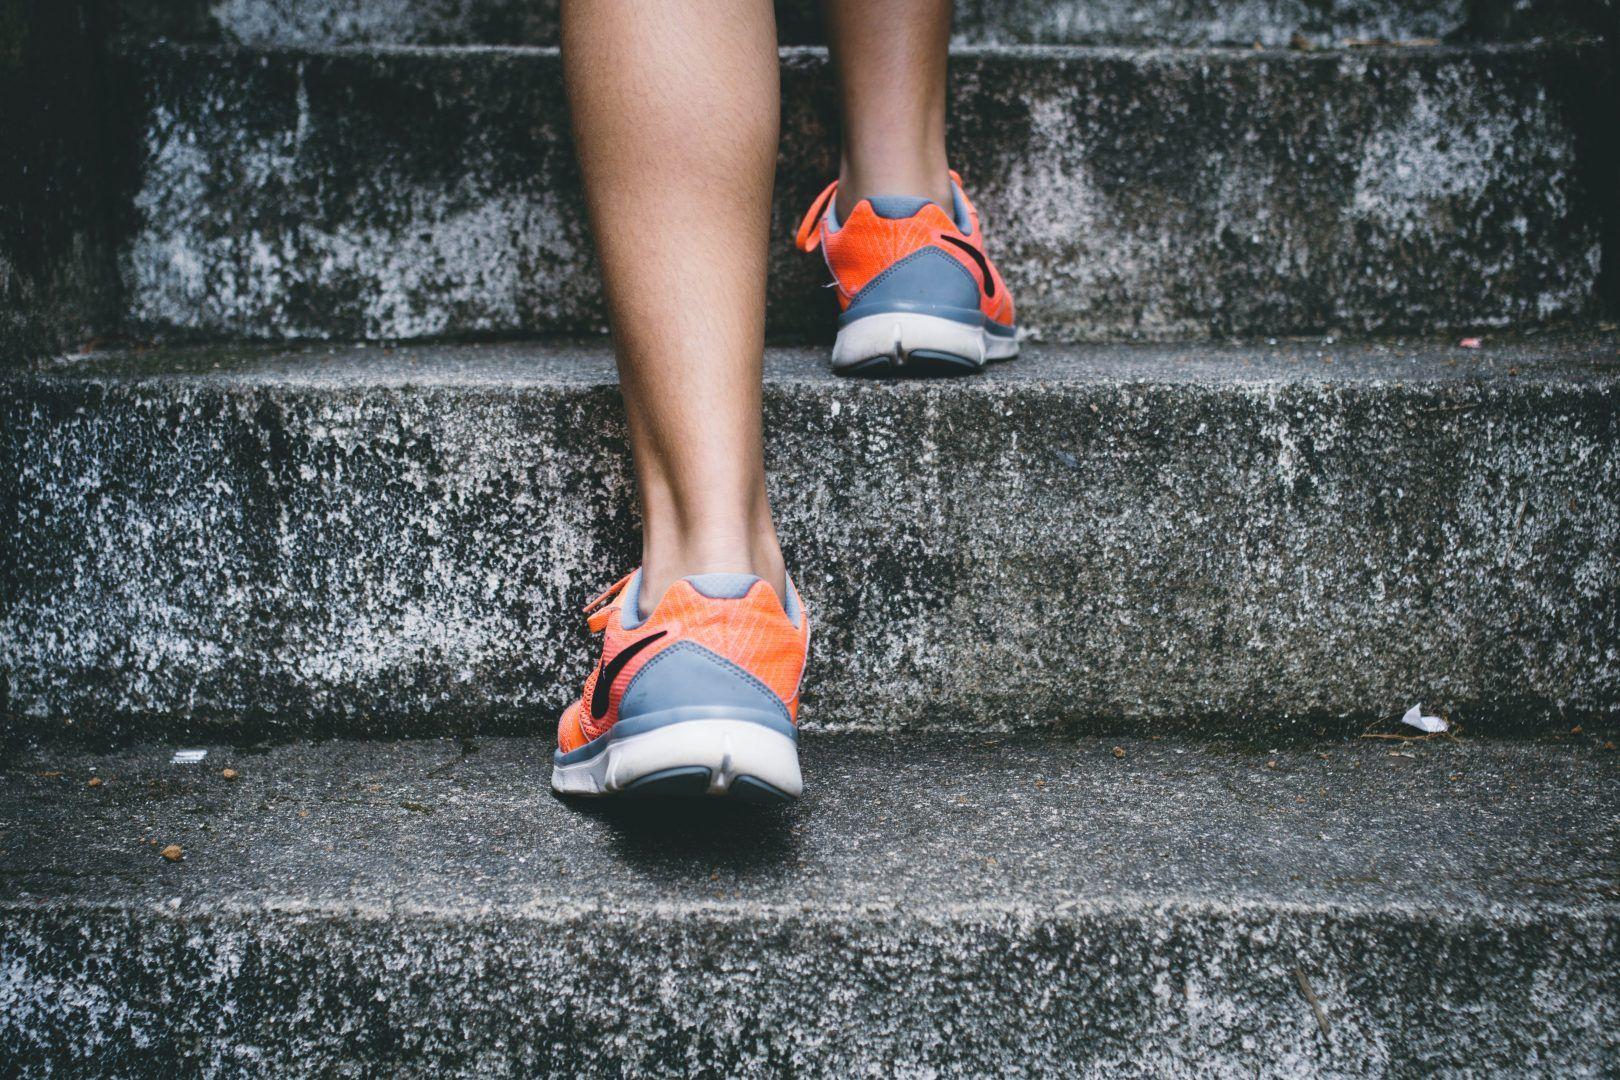 Hábitos saudáveis para ter uma vida longa e com muita saúde